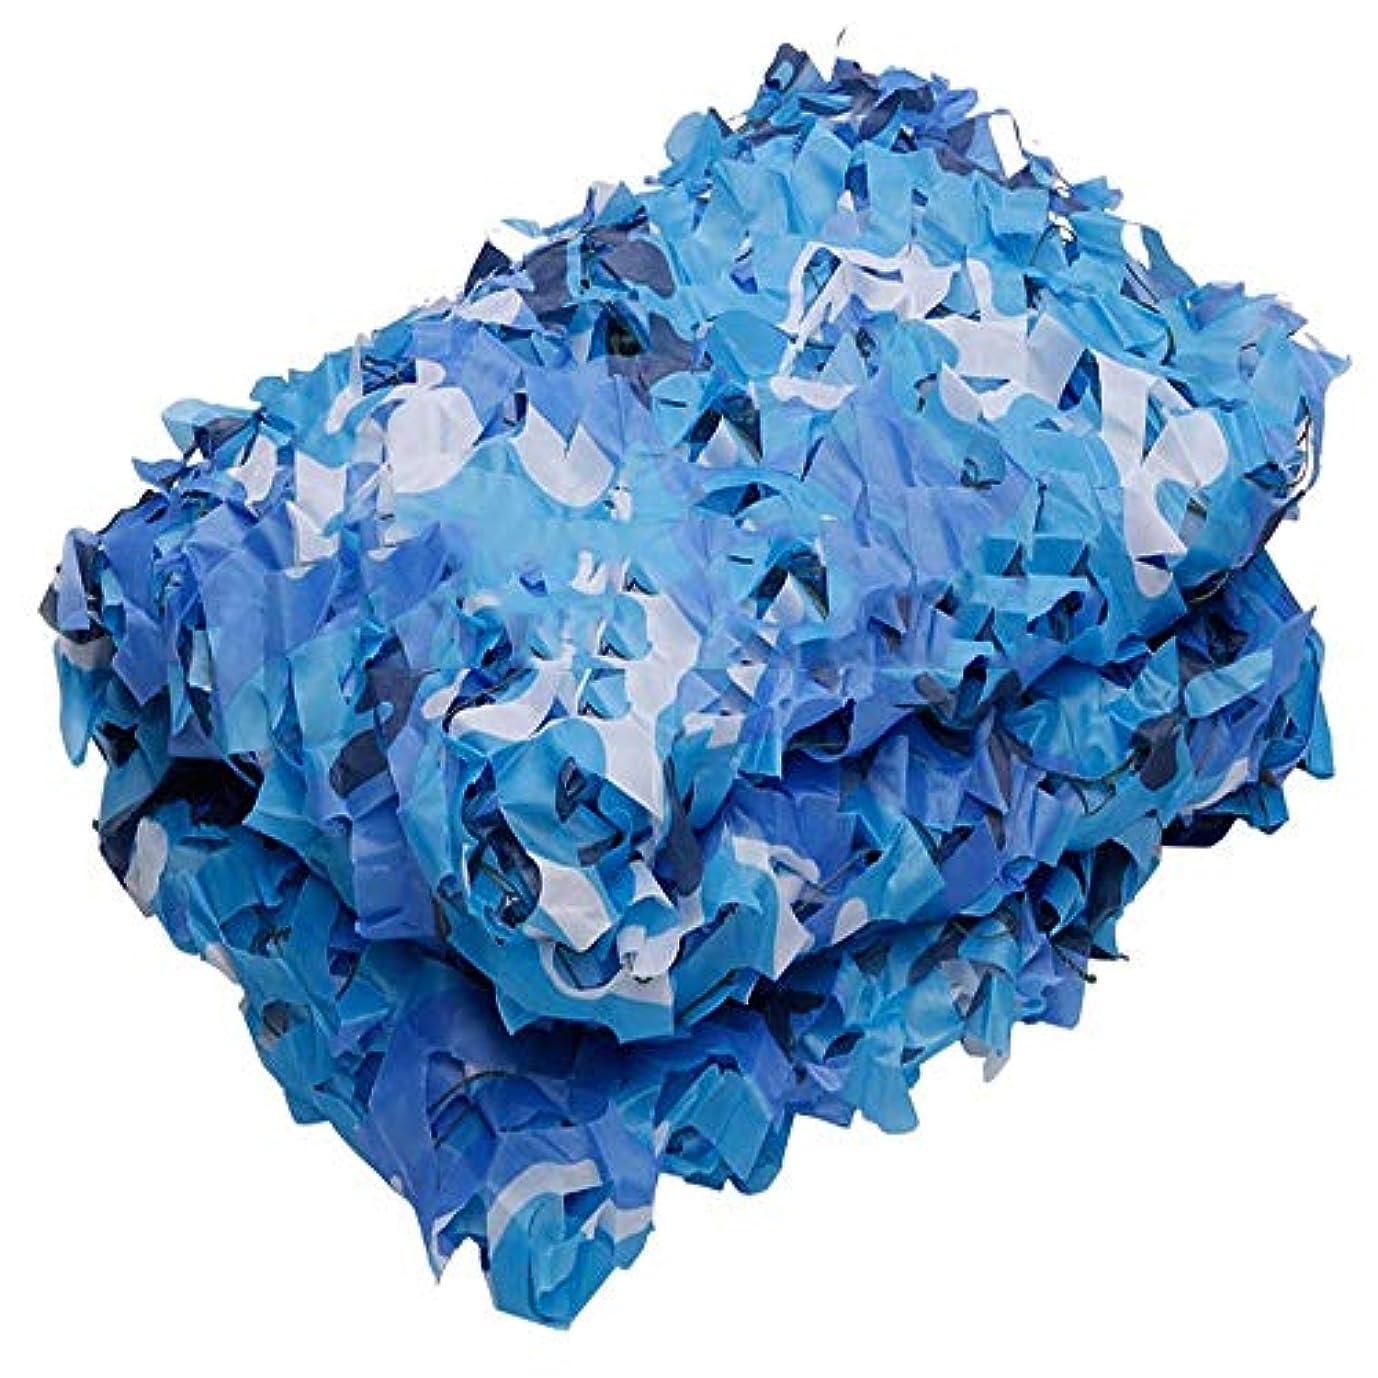 ブレイズリード政治家DGLIYJ 210Dブルー迷彩ネット、軽量で丈夫、キャンプ用迷彩サンシェード装飾大サイズ8x8m (色 : 青, サイズ さいず : 4x10m)